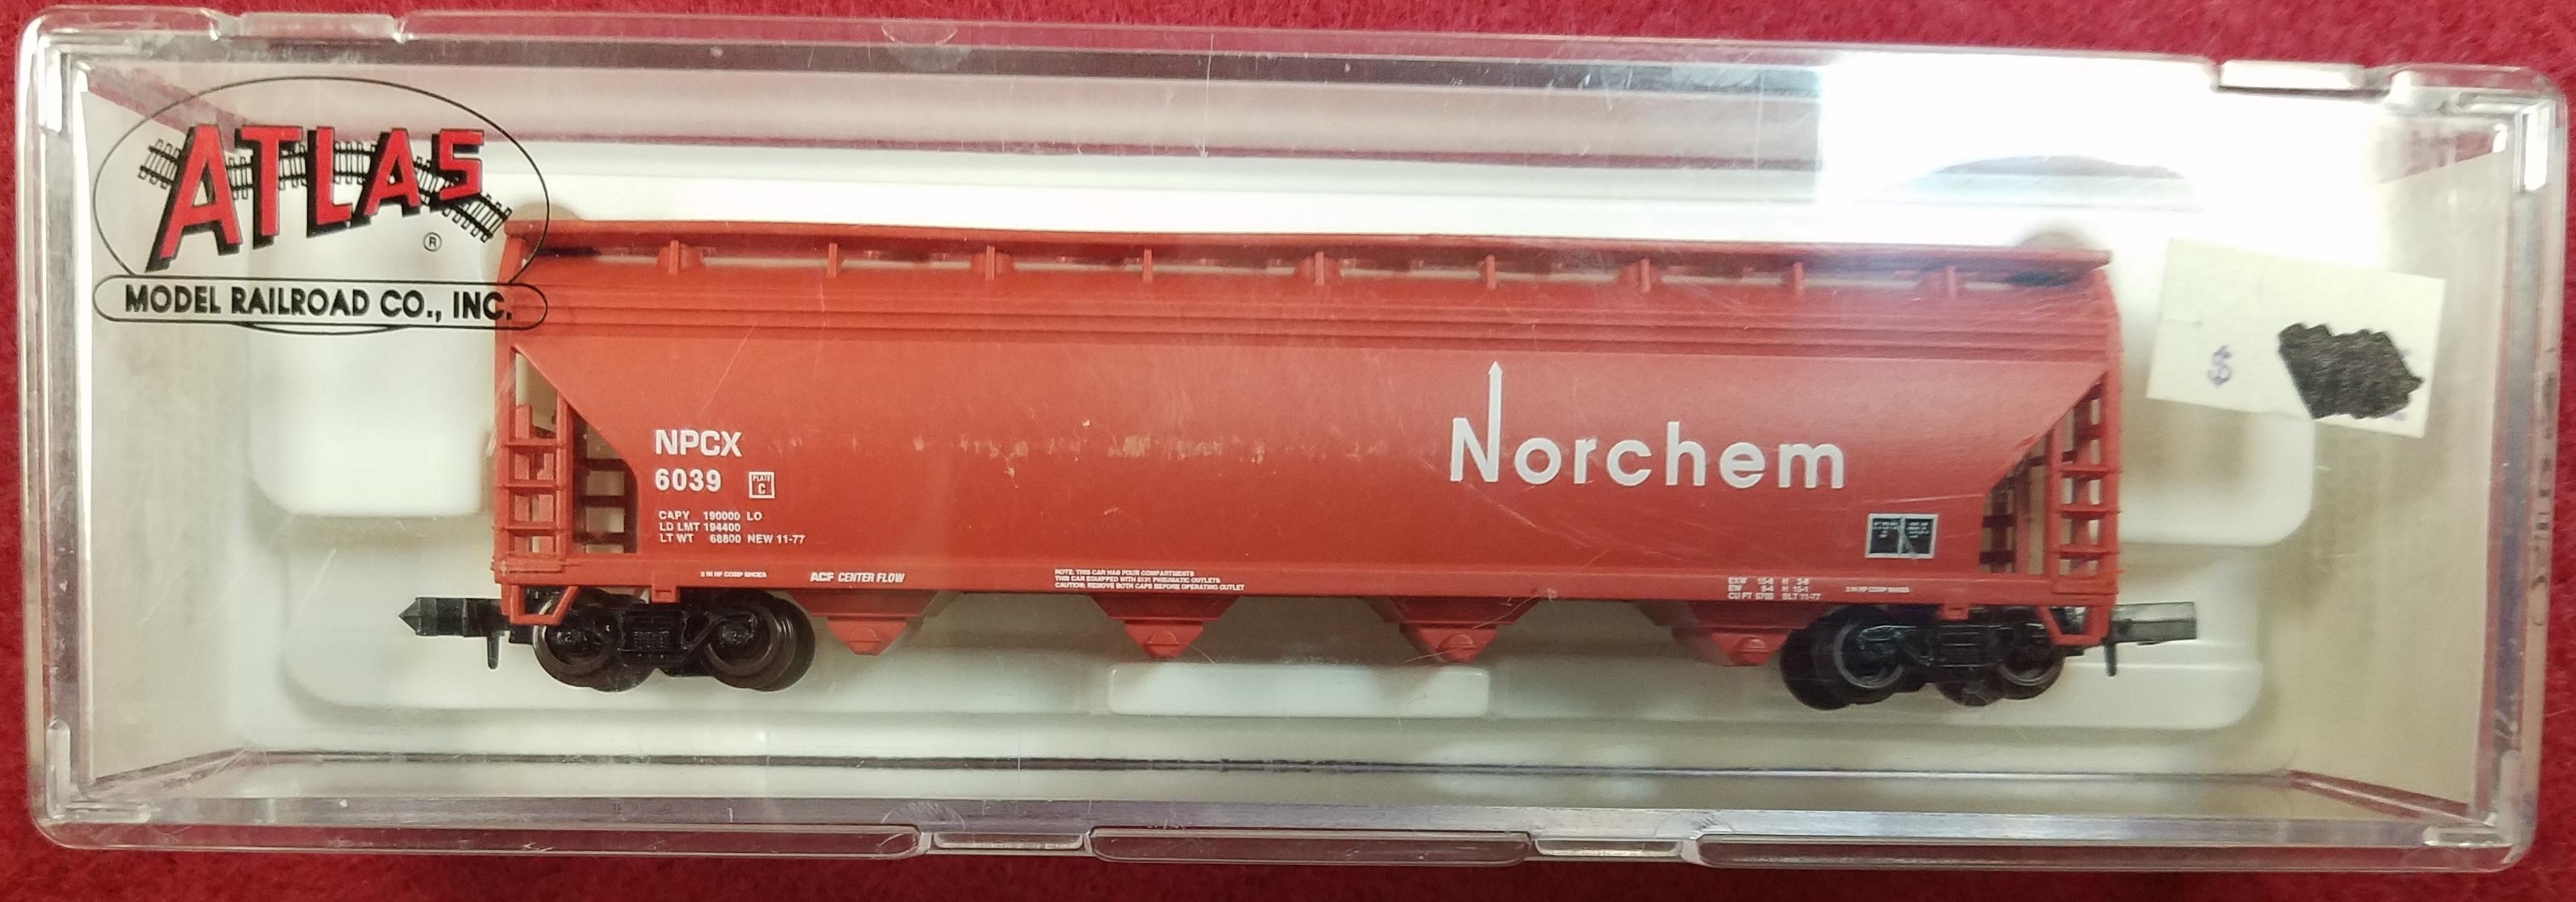 ATLAS - N SCALE - NPCX 6039 - 3955 ACF 4 BAY CENTER FLOW - NORCHEM